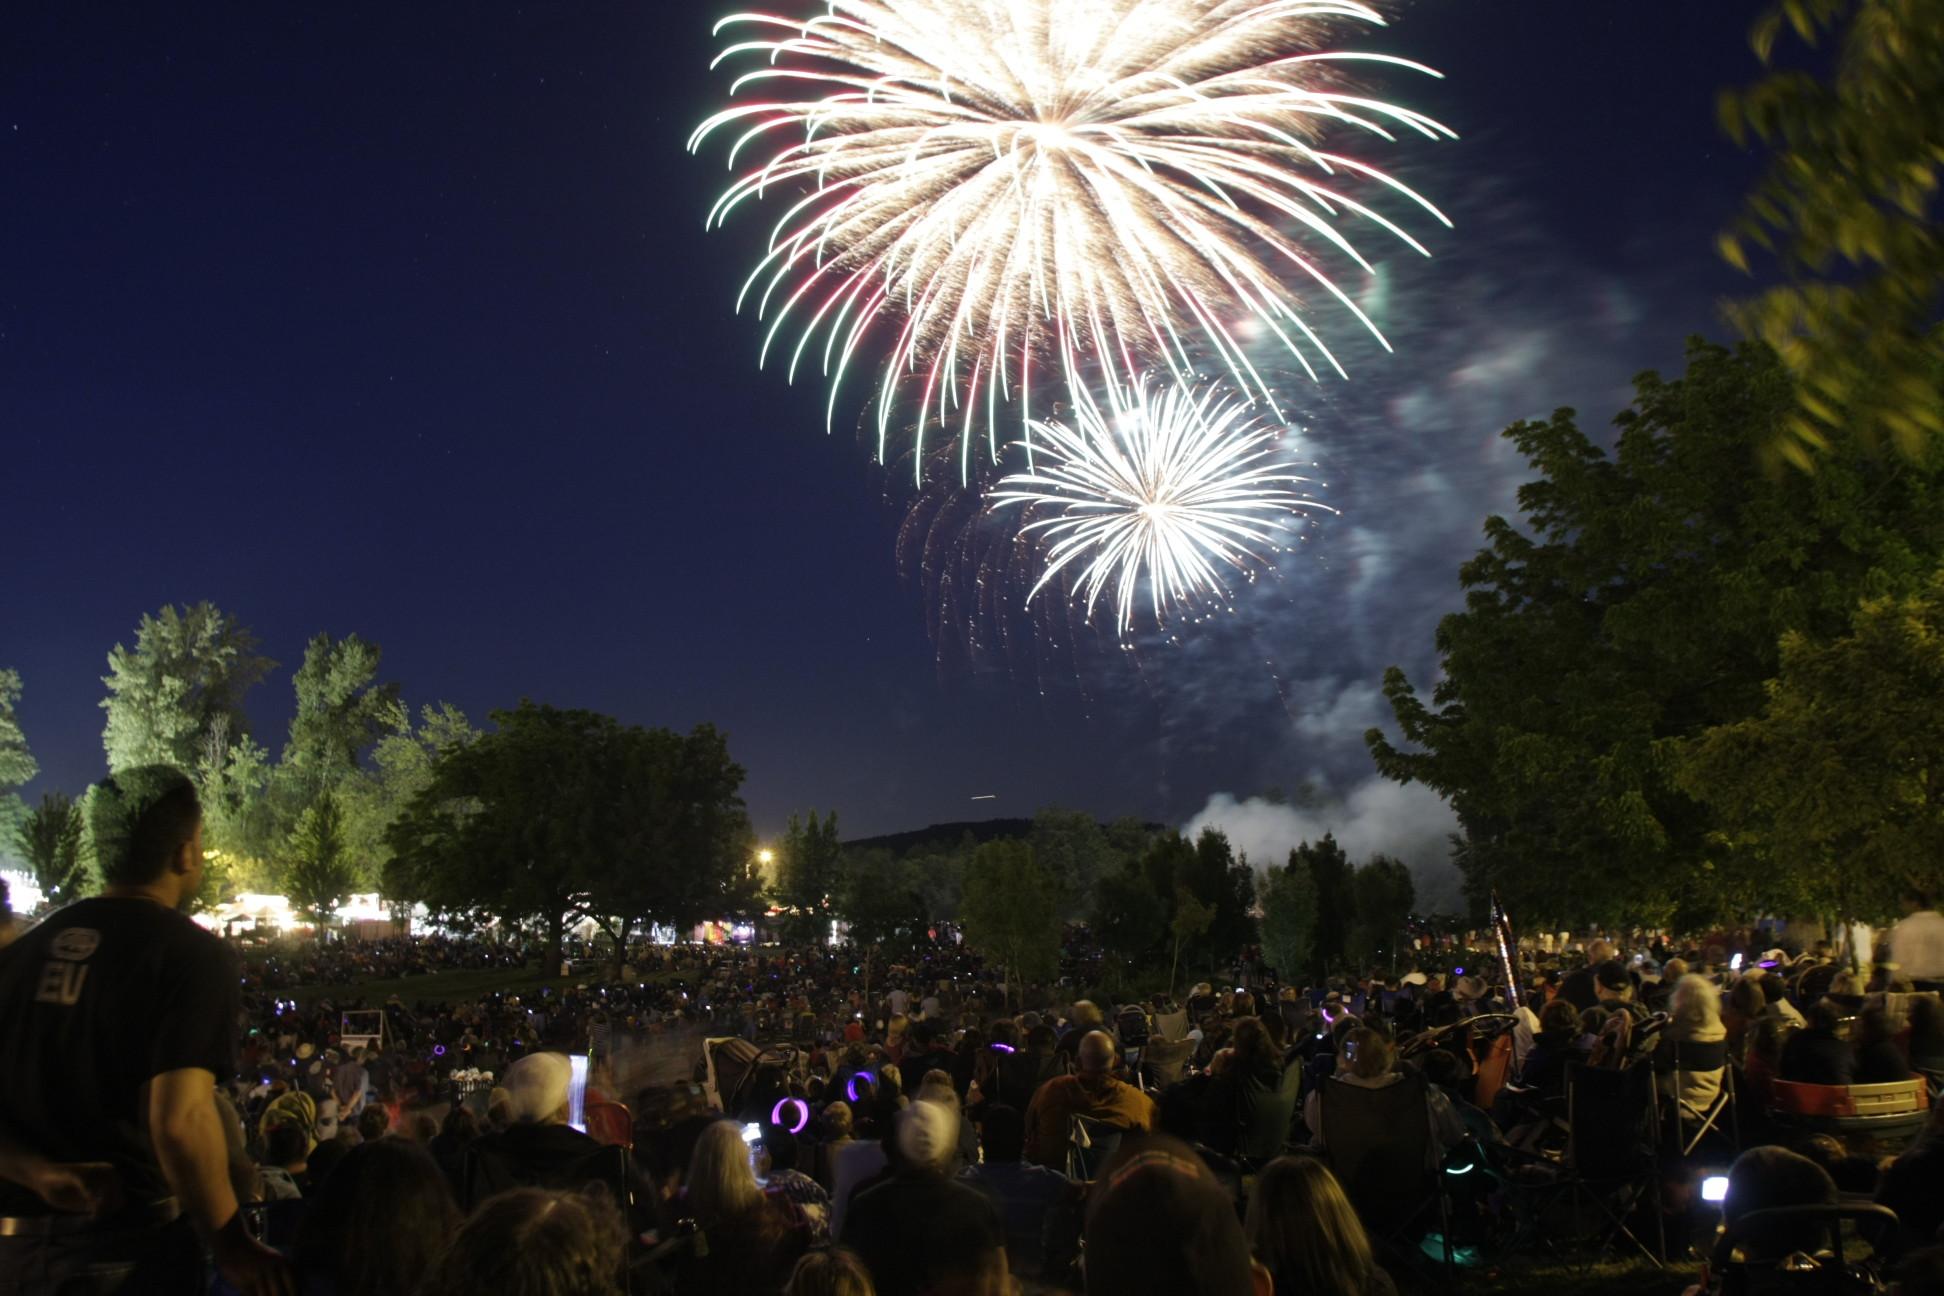 Fireworks-4.JPG-w1944.jpg